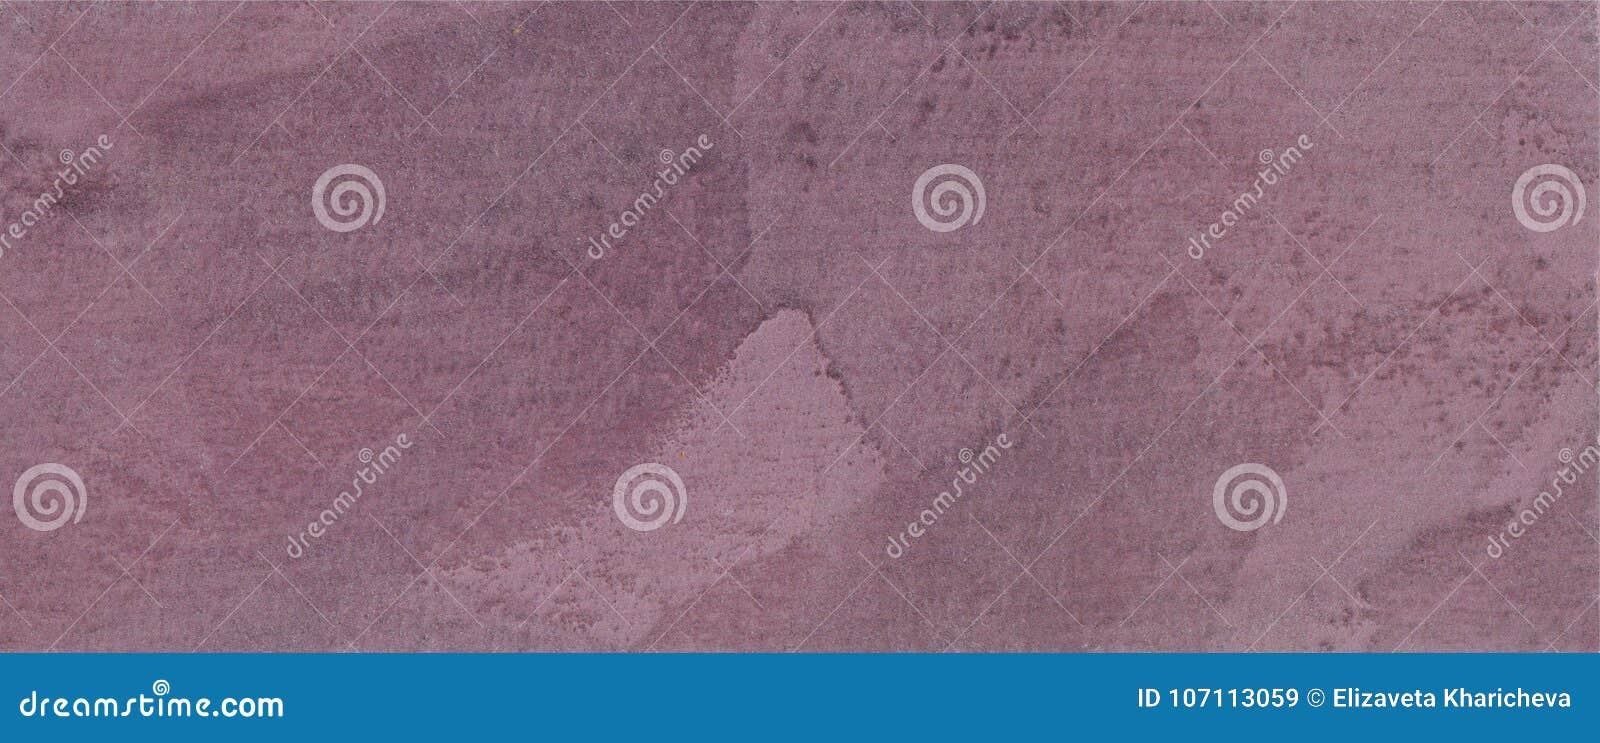 Rood, kersentextuur van pleister, decoratieve deklaag voor muren